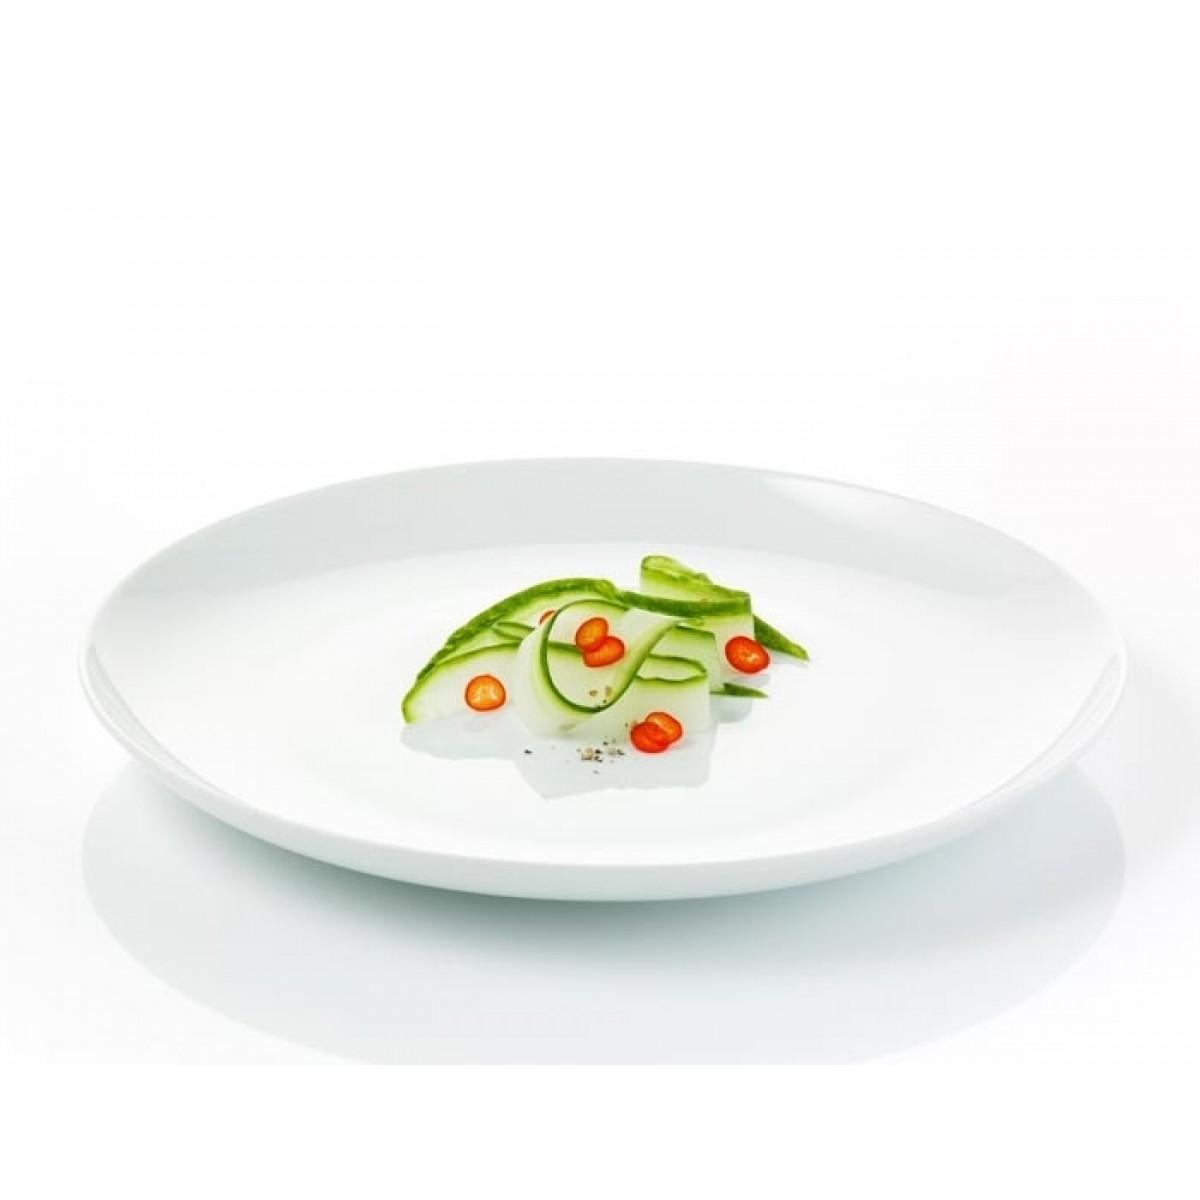 AIDA Atelier hvid middagstallerken 4 stk. 27 cm.